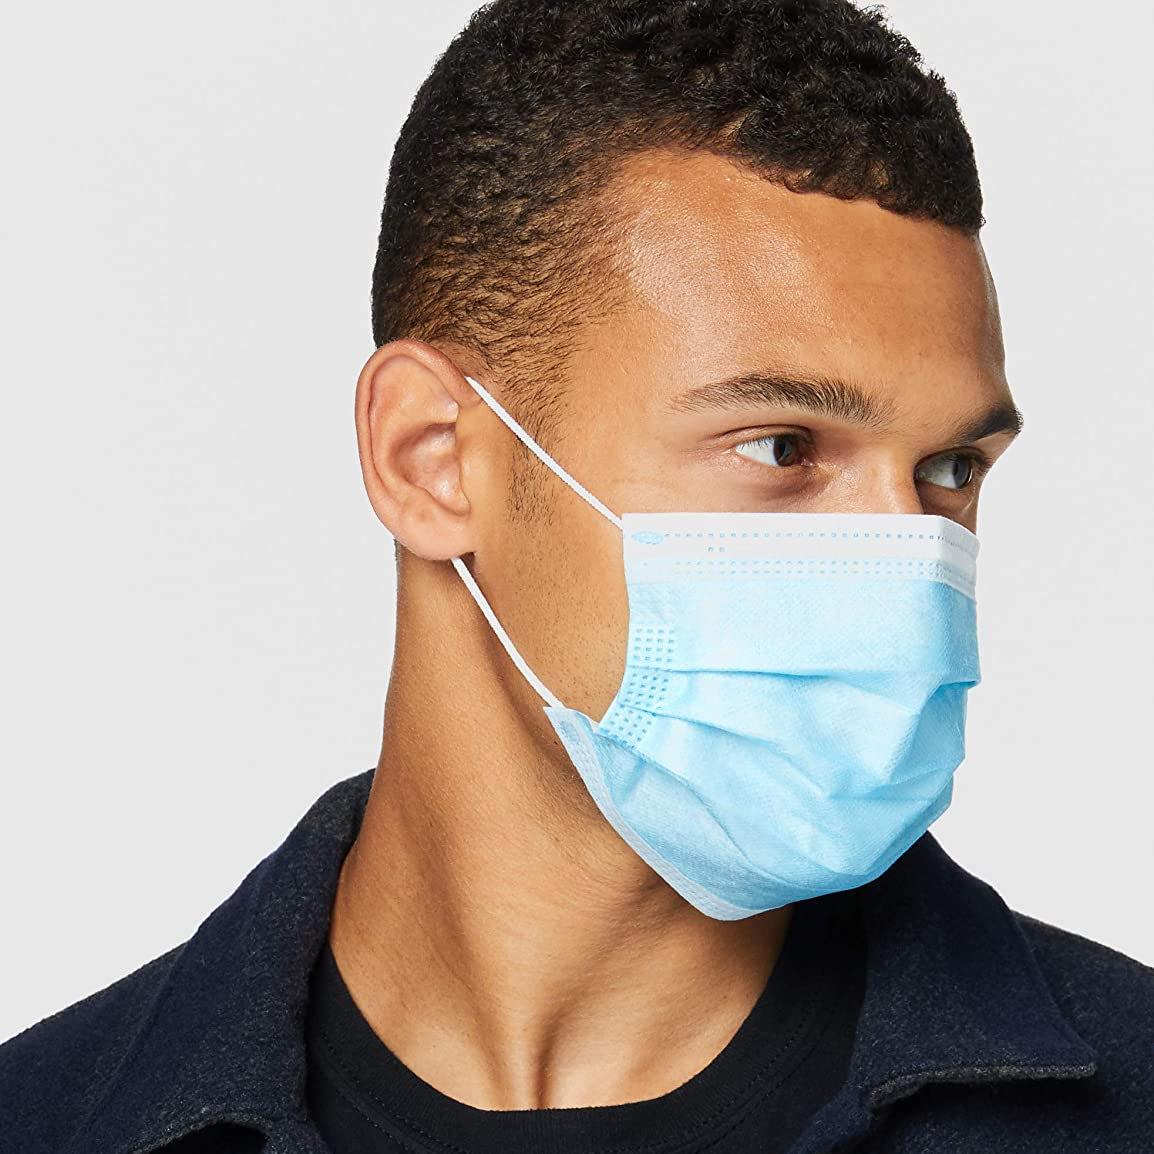 疫情反复更要备好口罩!亚马逊自营一次性口罩 50只装